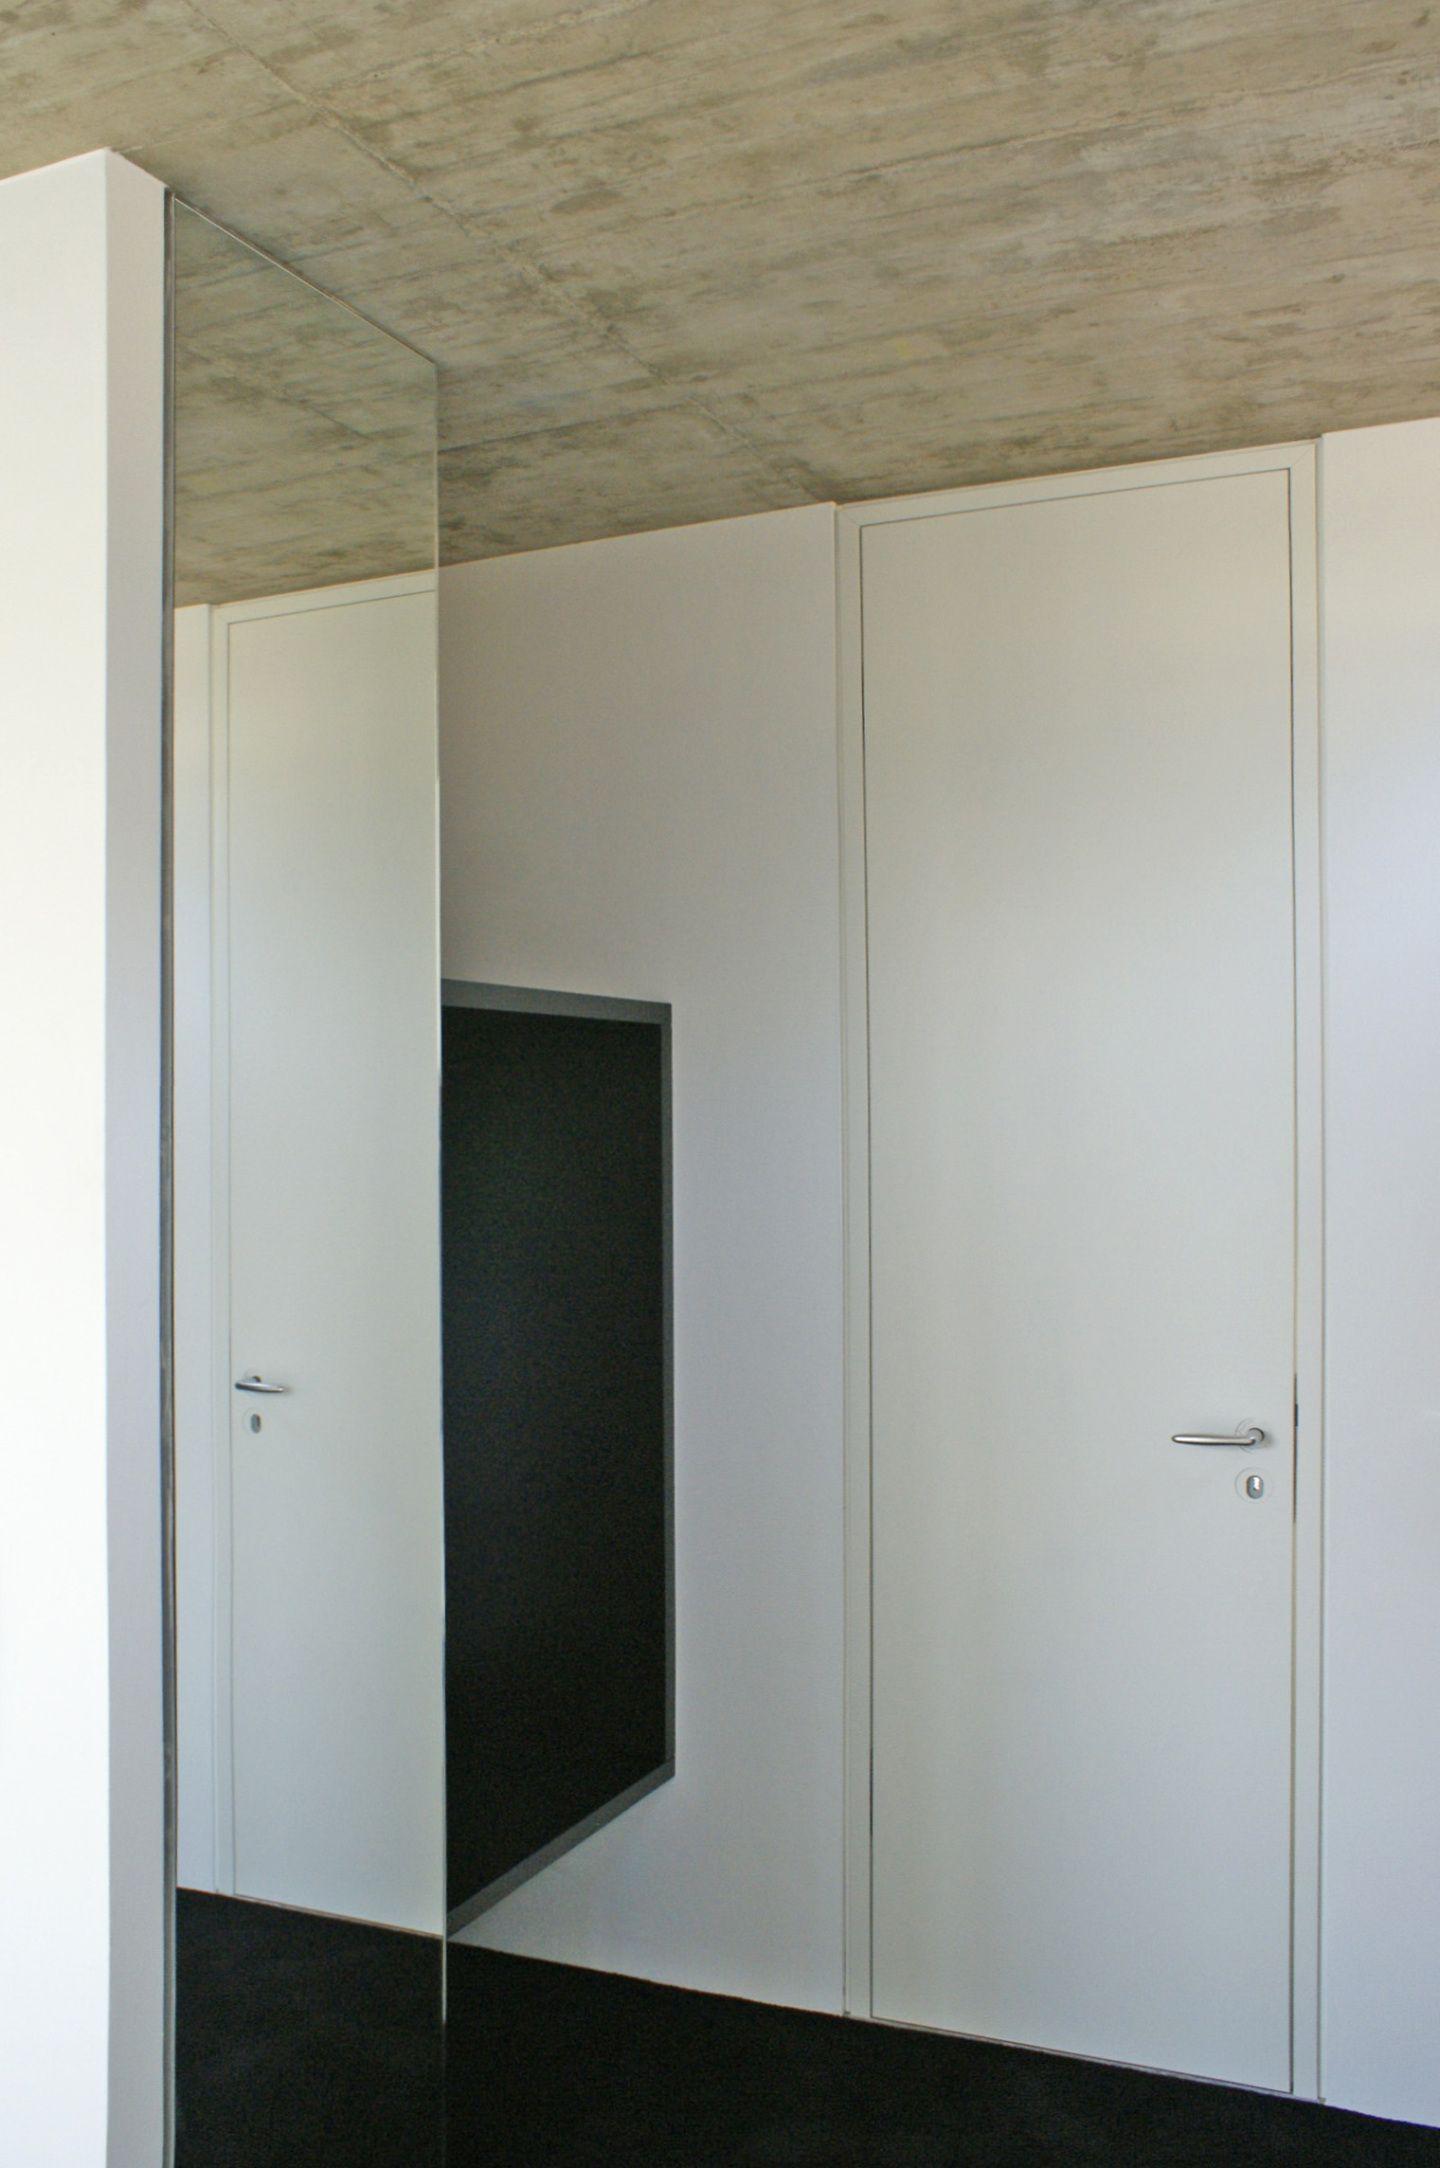 flur mit eingebauter garderobe. Black Bedroom Furniture Sets. Home Design Ideas